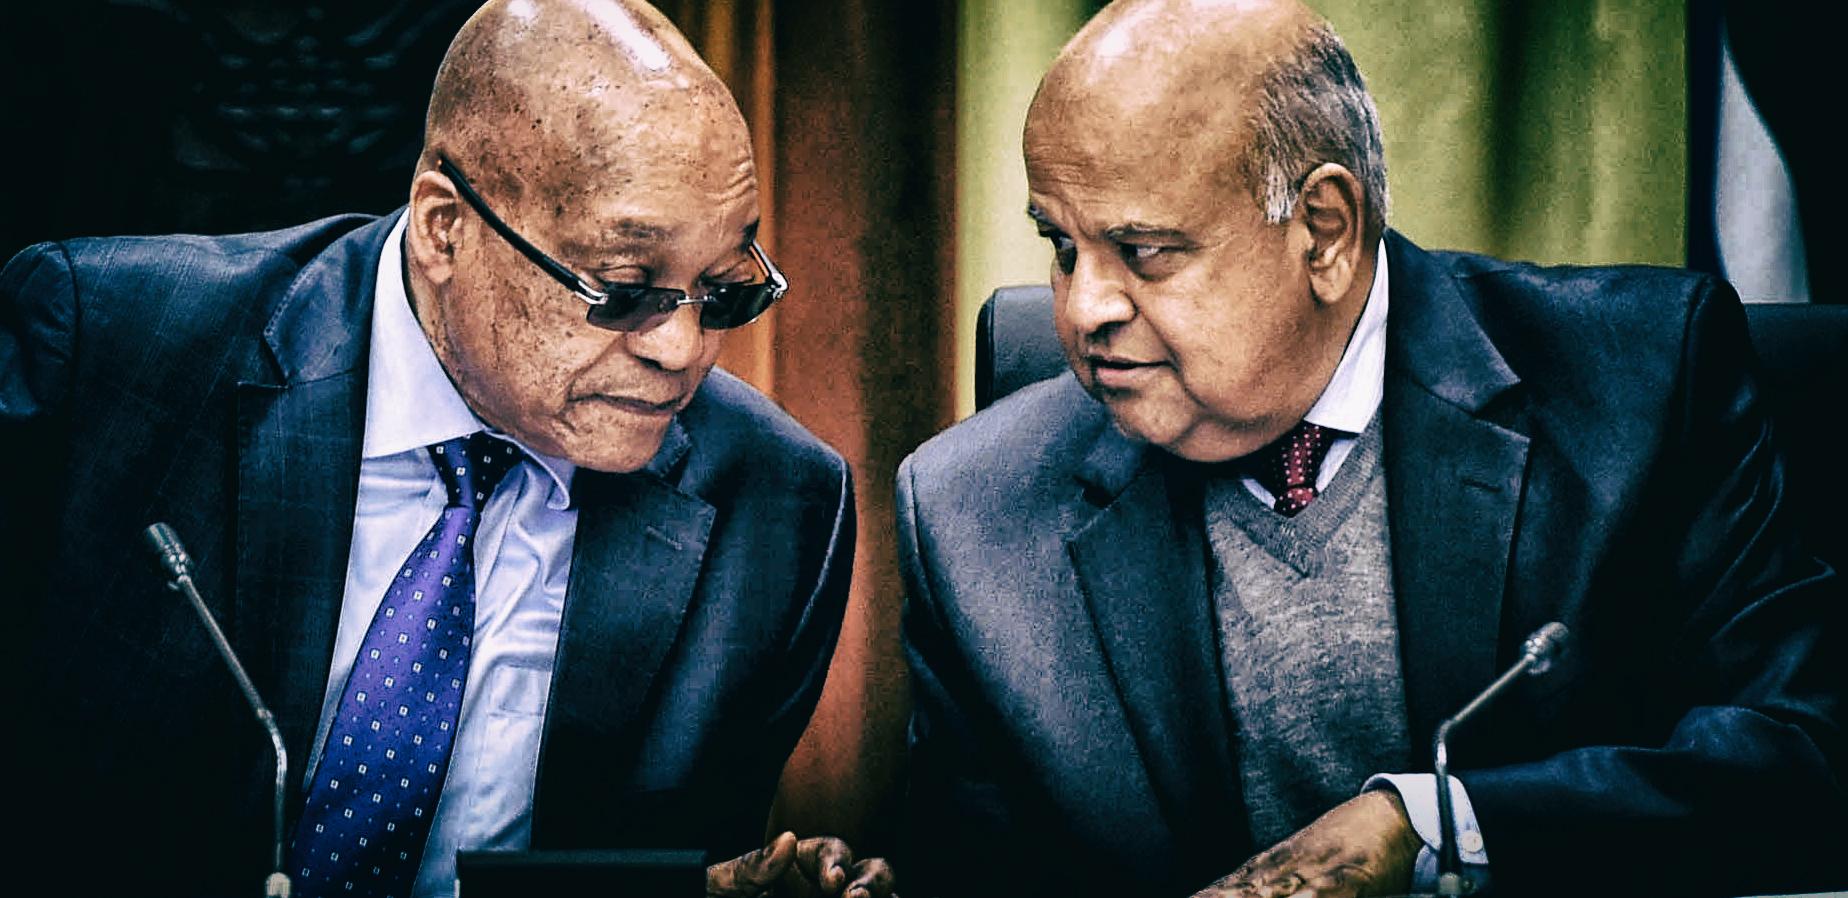 ConCourt verwerp die appèl van die presidensie oor Zuma se kabinet - Daily Maverick